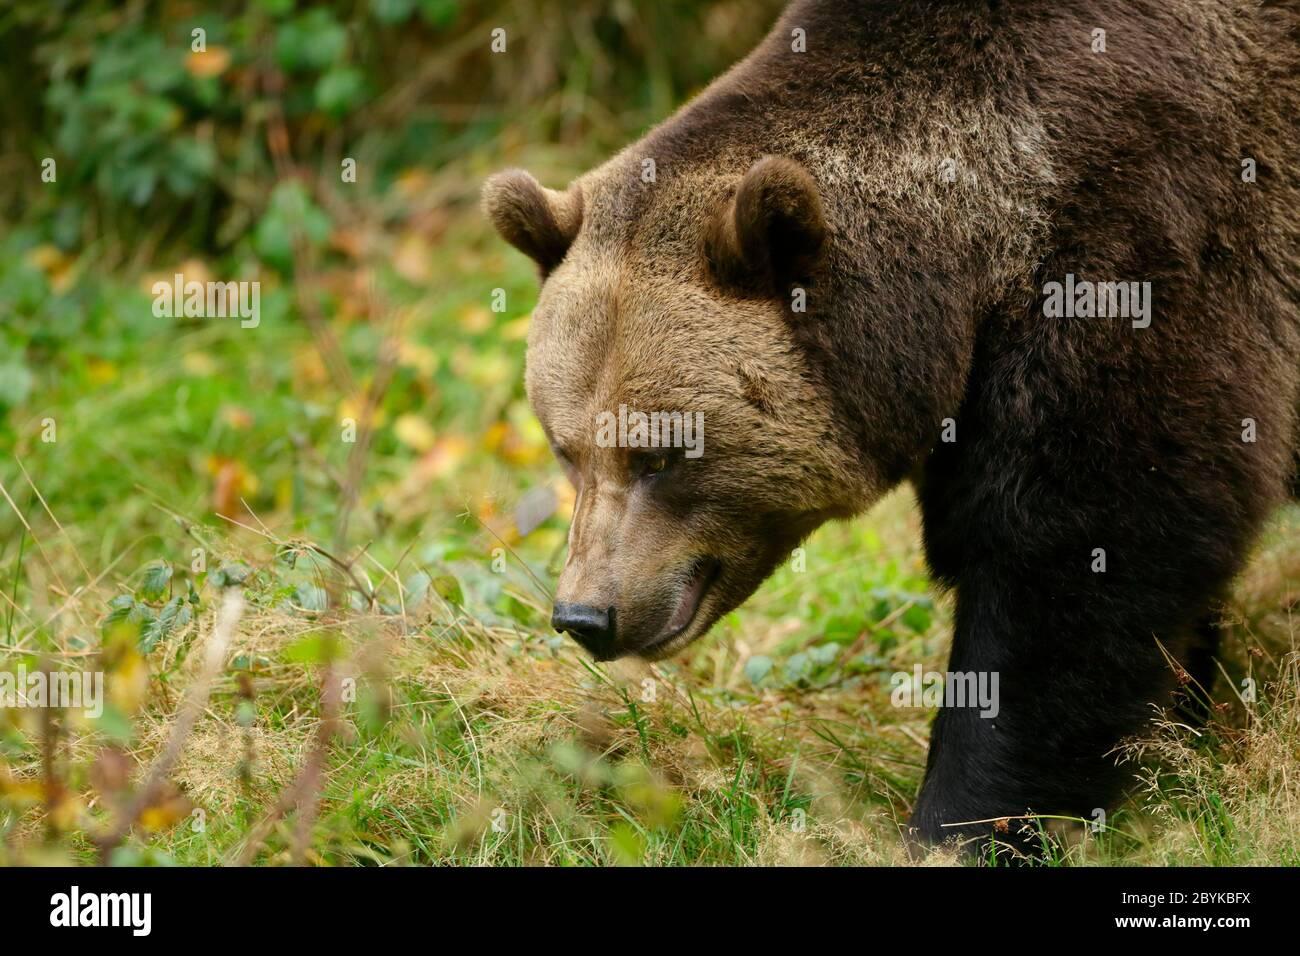 Brown Bear (Ursus arctos) in the forest of Tier-Freigelände, Bayerischer Wald National Park, Baviera, Germany, October Stock Photo